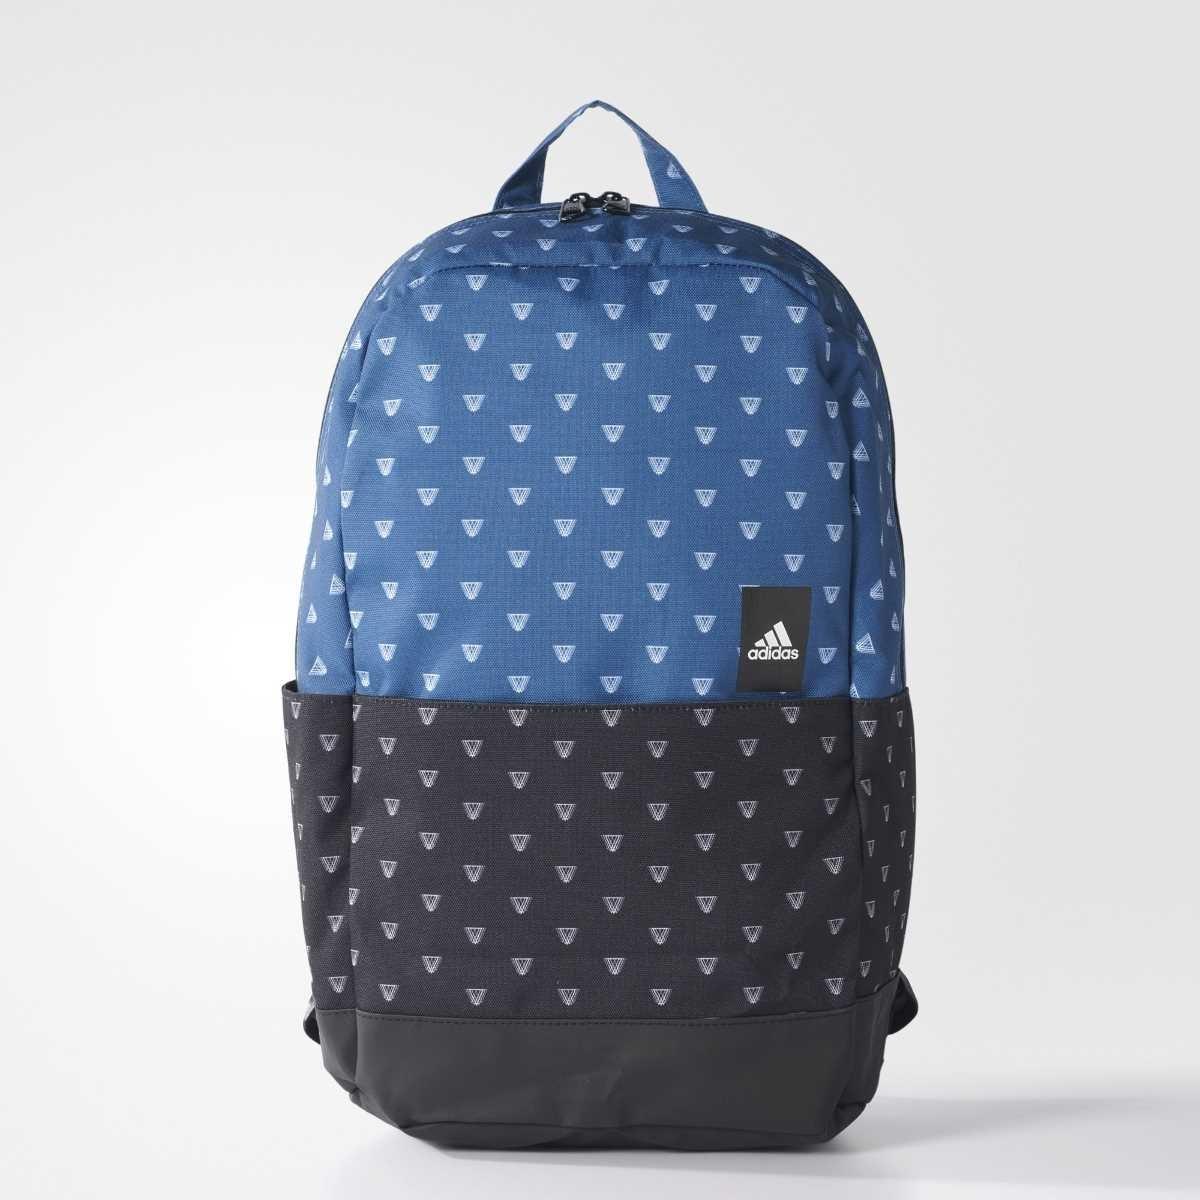 fe1ce823f Mochila adidas Versatile Azul Marino - $ 649.00 en Mercado Libre